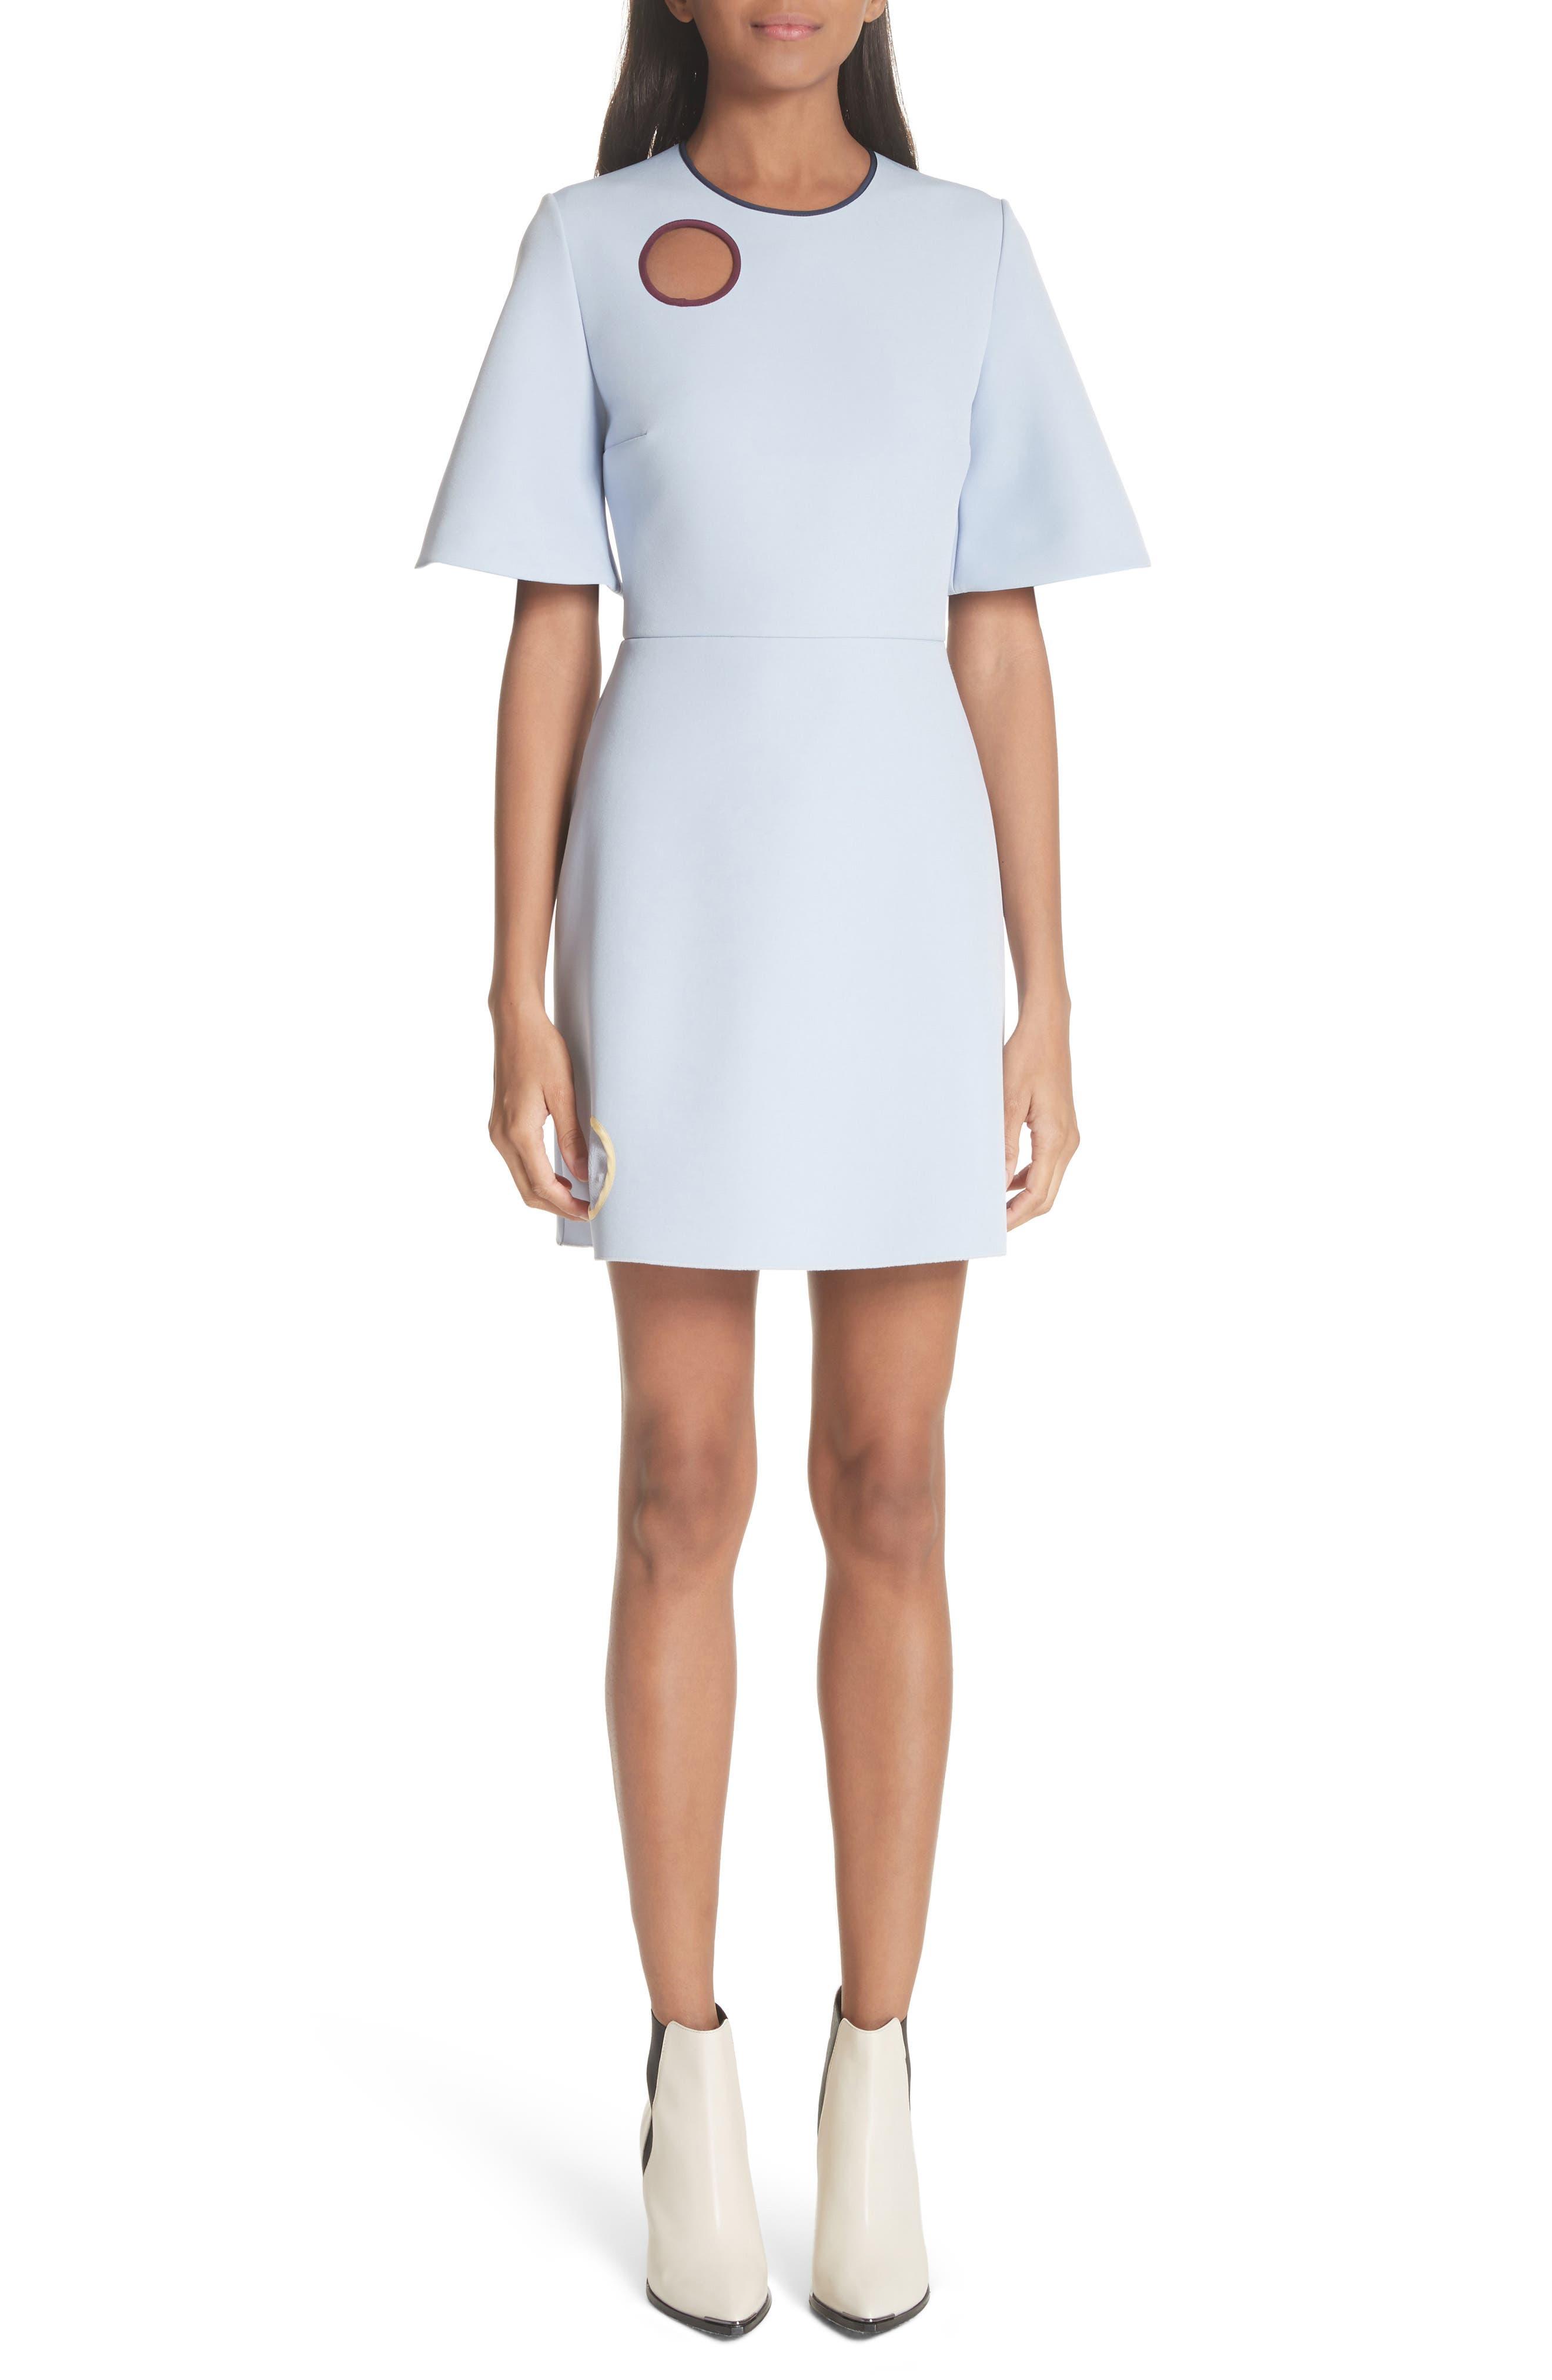 Layken Minidress,                         Main,                         color, 400